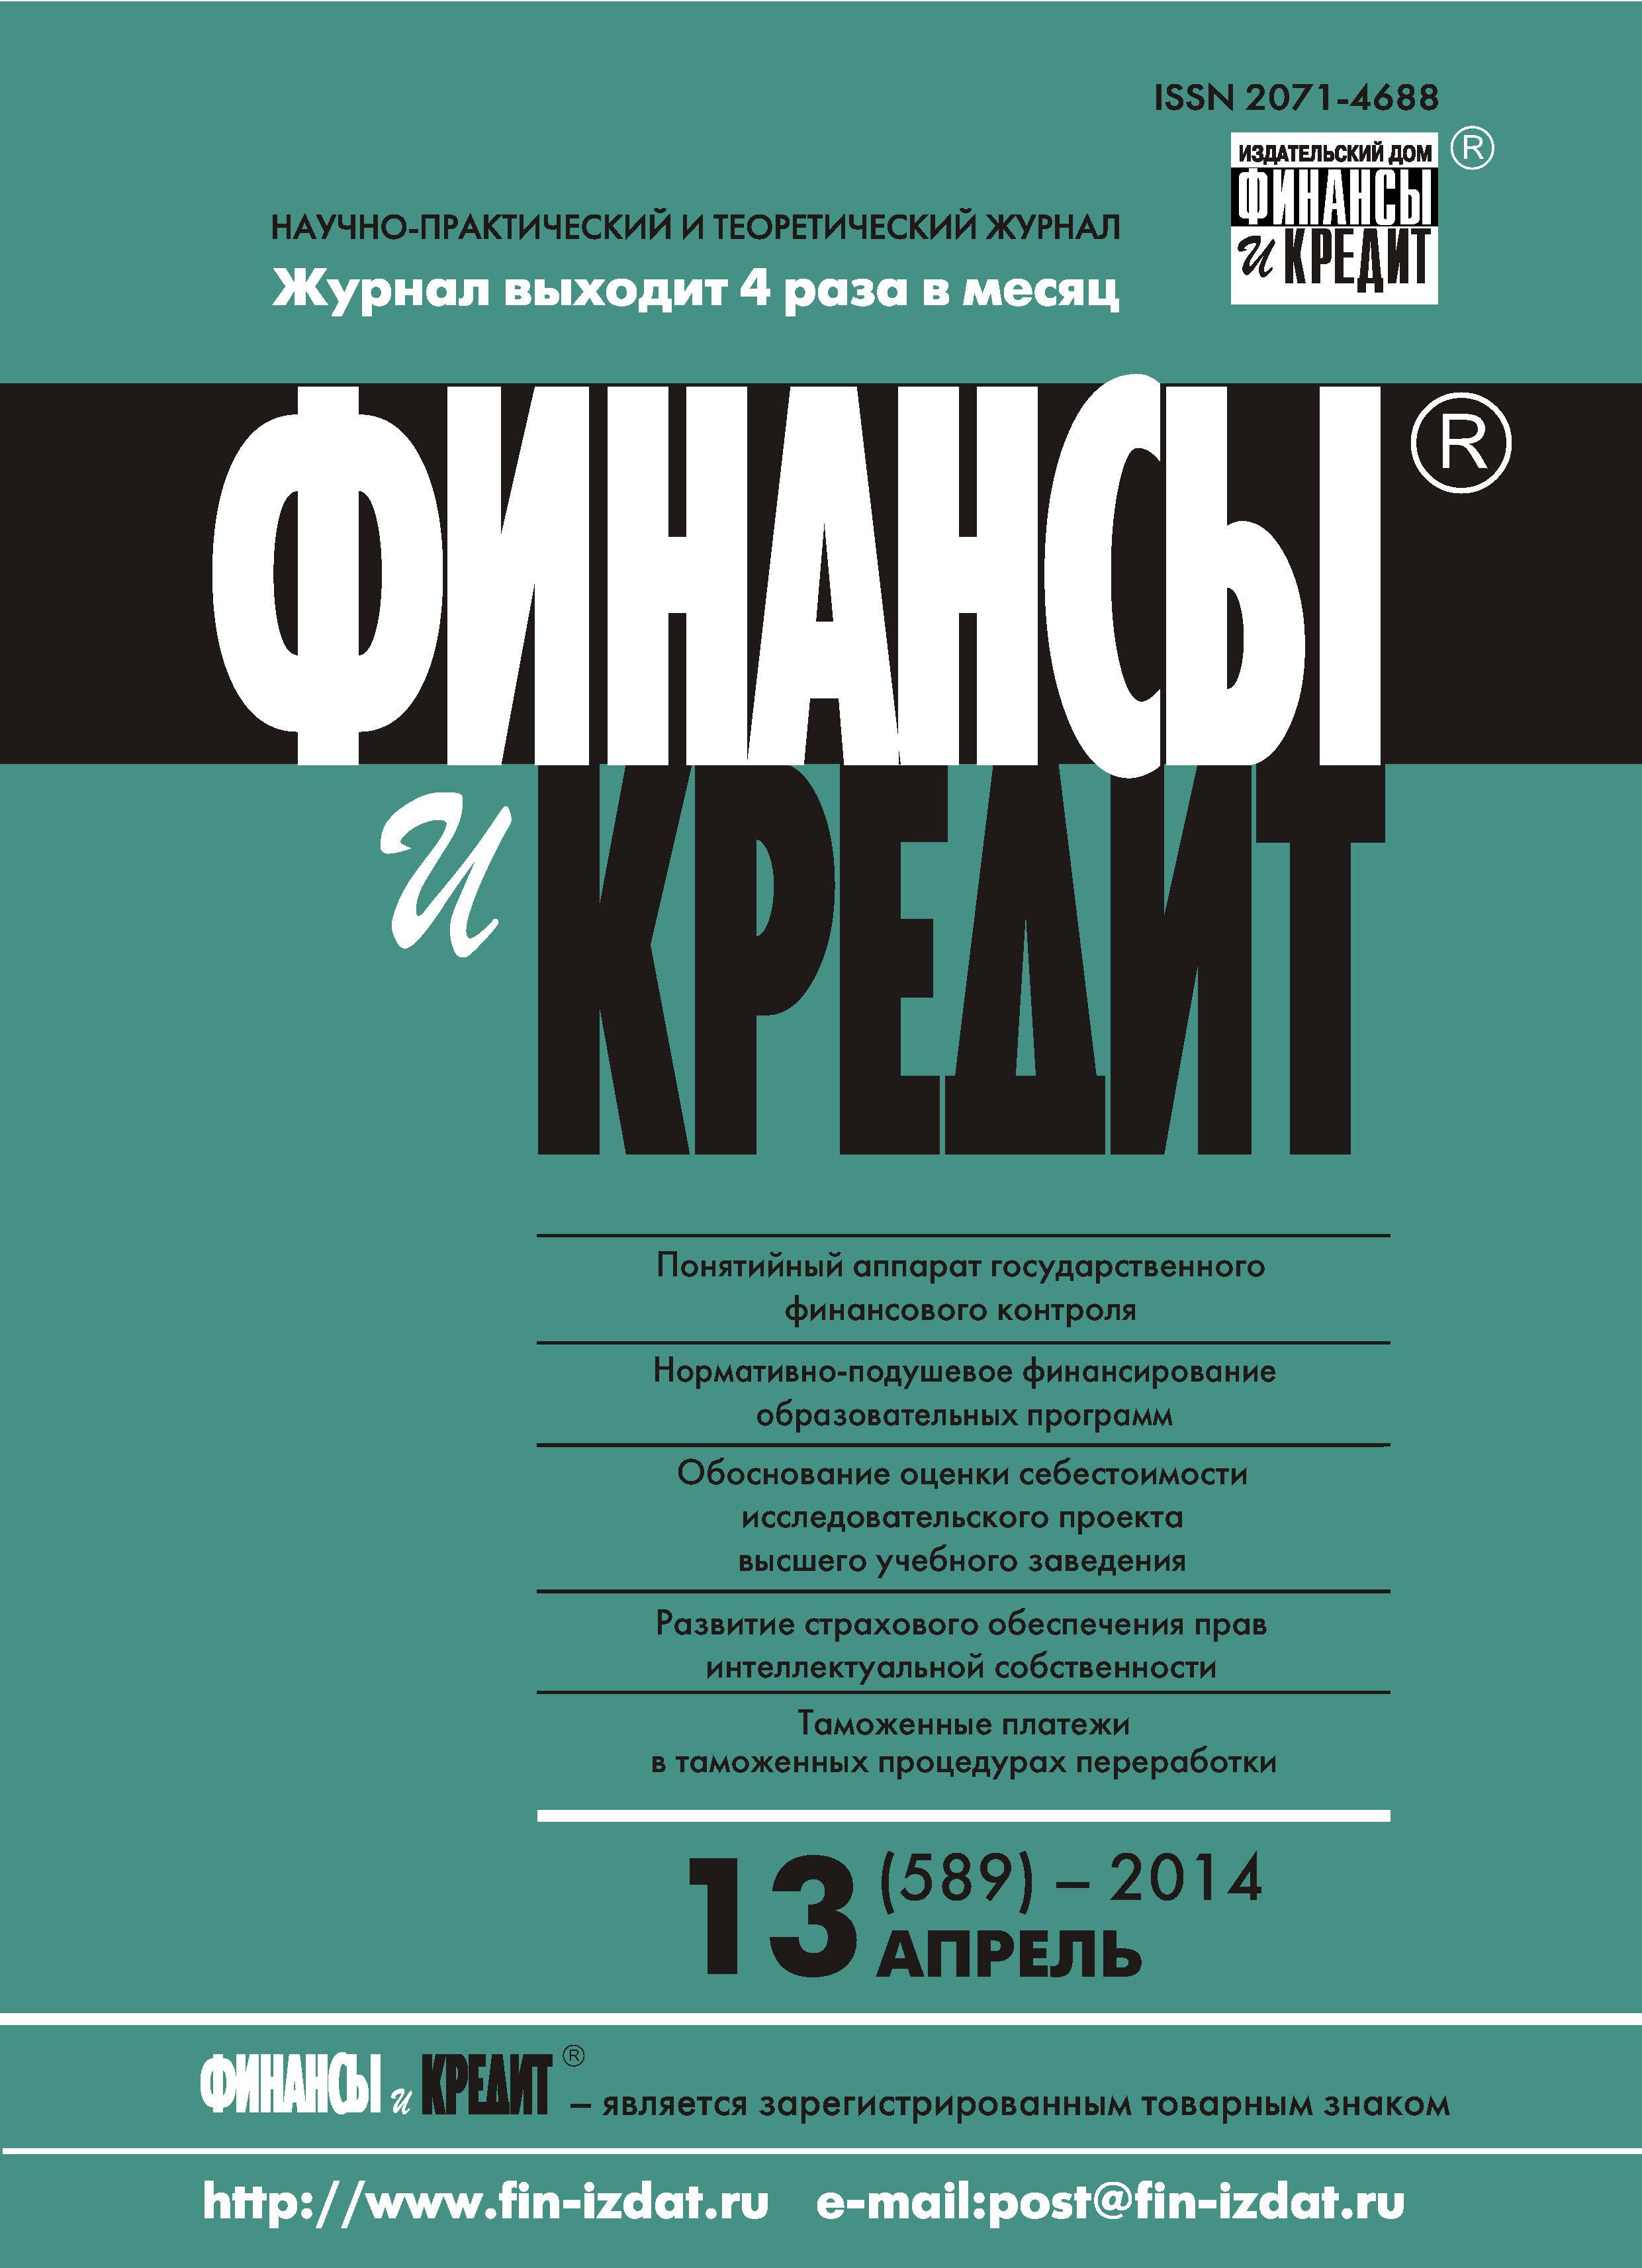 Финансы и Кредит № 13 (589) 2014